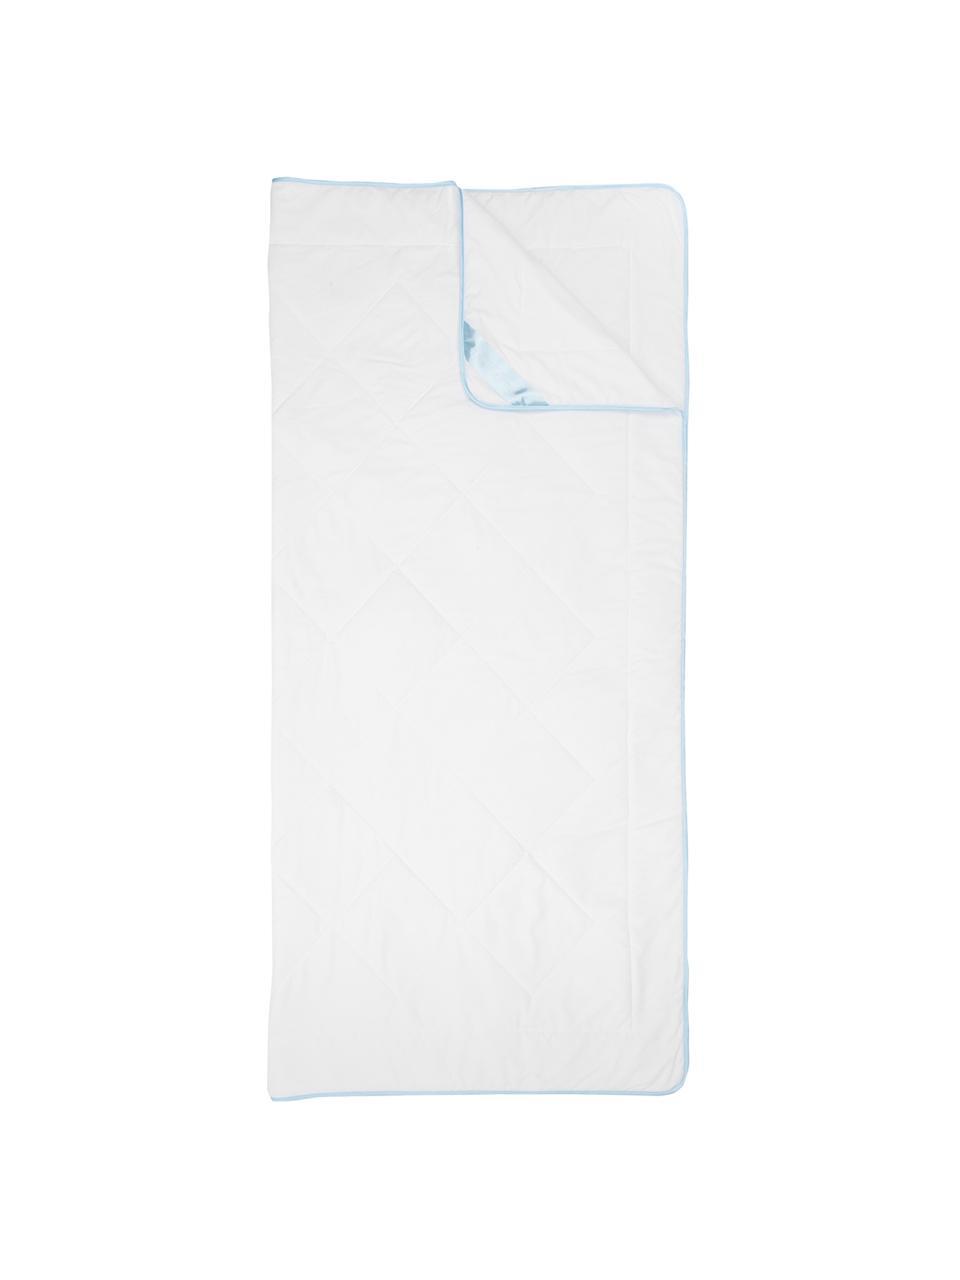 Microfaser-Bettdecke, leicht, Bezug: Microfaser mit Rautenstep, leicht, 135 x 200 cm